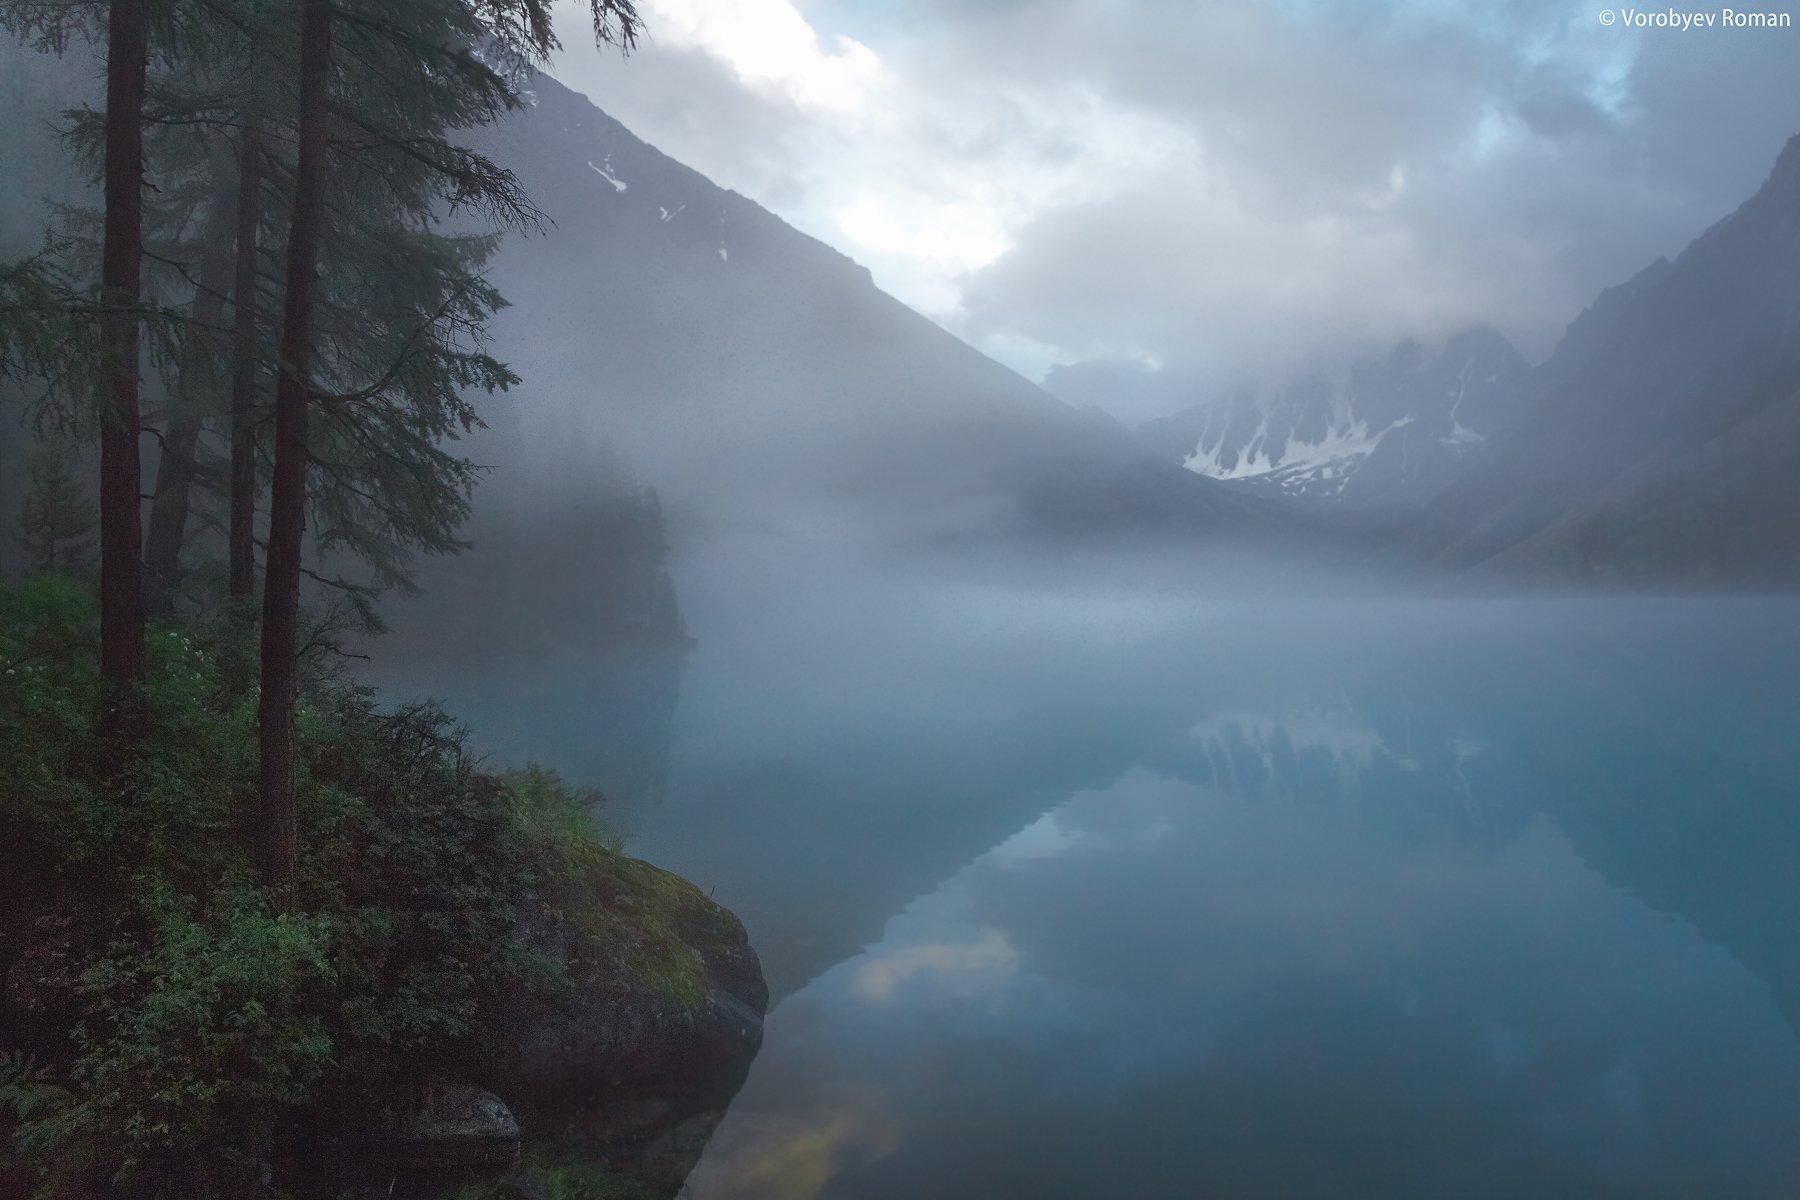 Алтай, Горное озеро, Горы, Озеро, Отражение, Туман, Roman Vorobyev